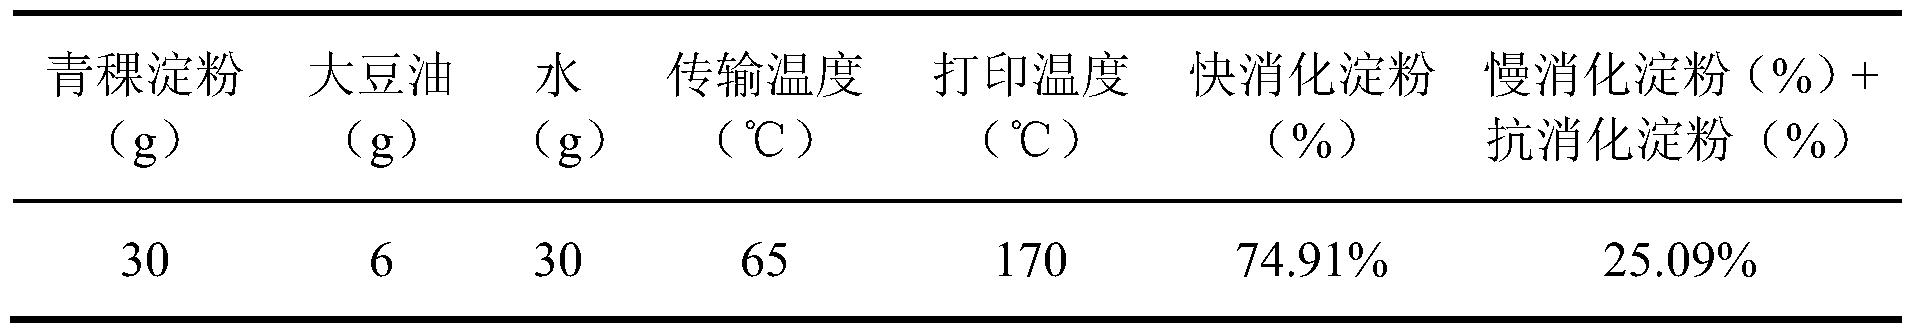 Figure PCTCN2017112099-appb-000002